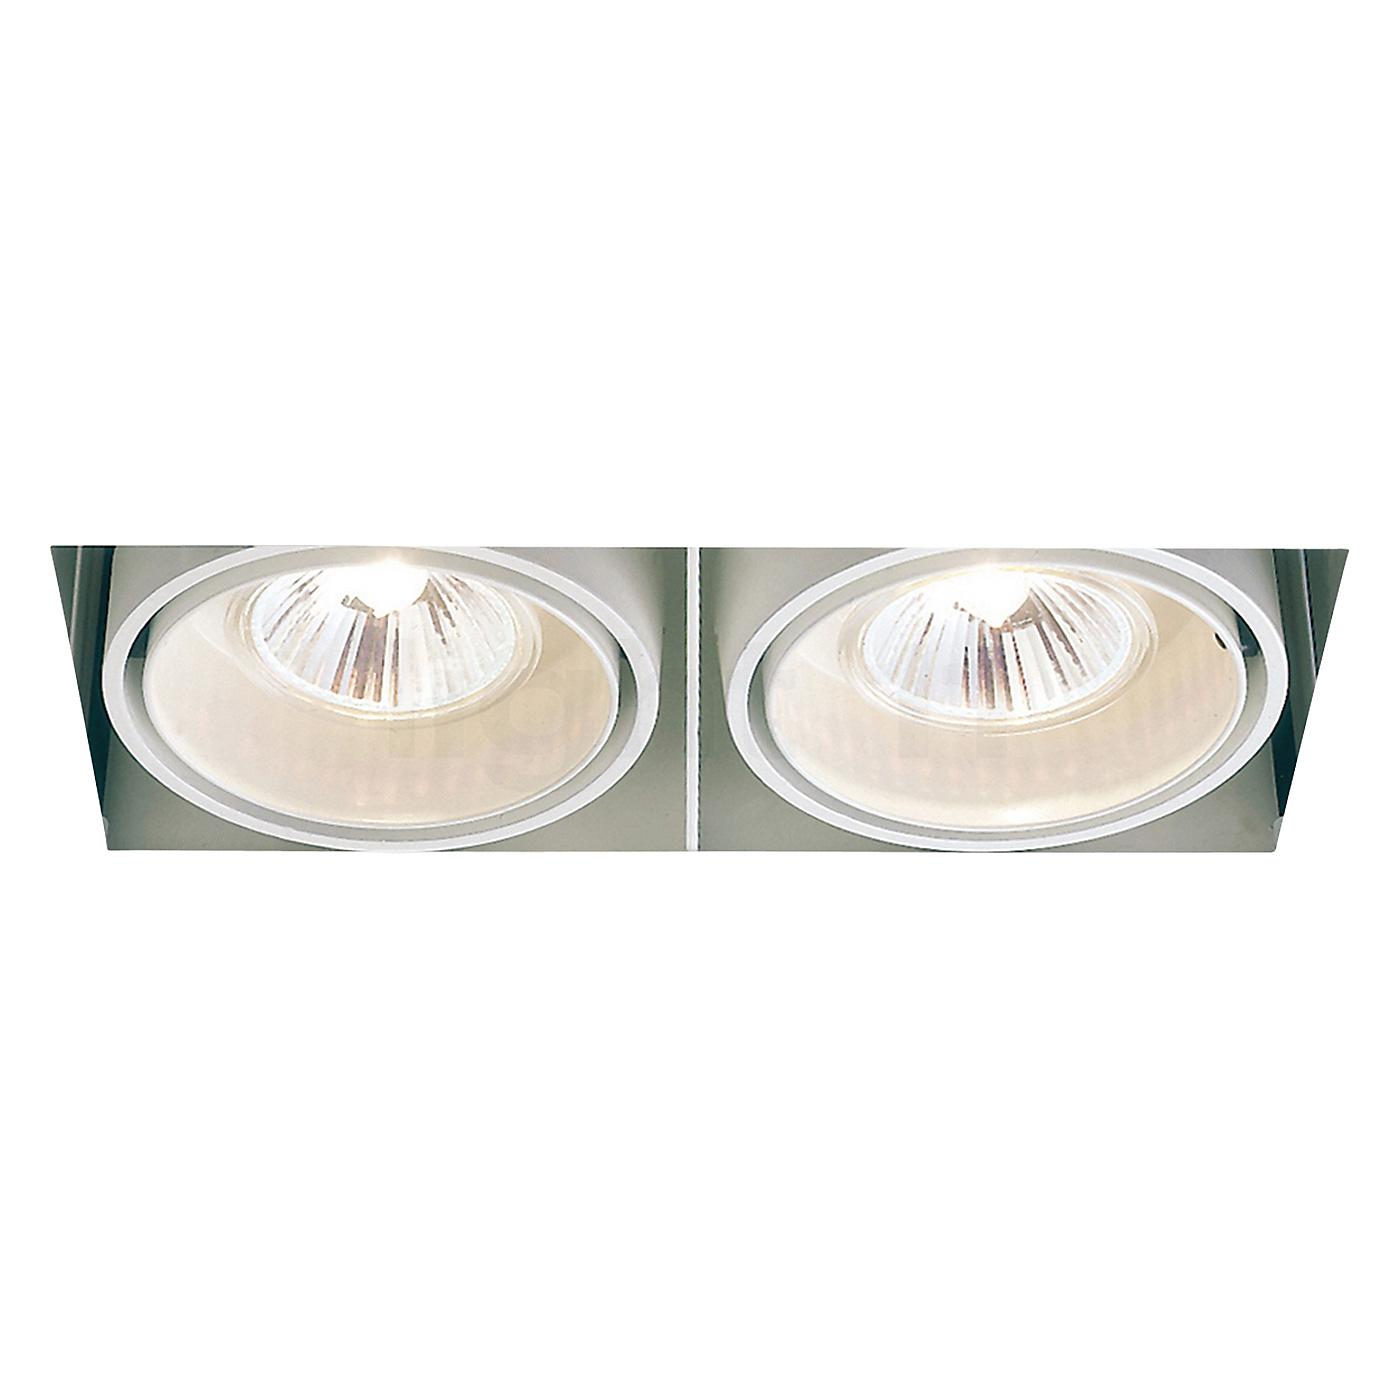 delta light minigrid in trimless 2 50 hi straler kopen op. Black Bedroom Furniture Sets. Home Design Ideas